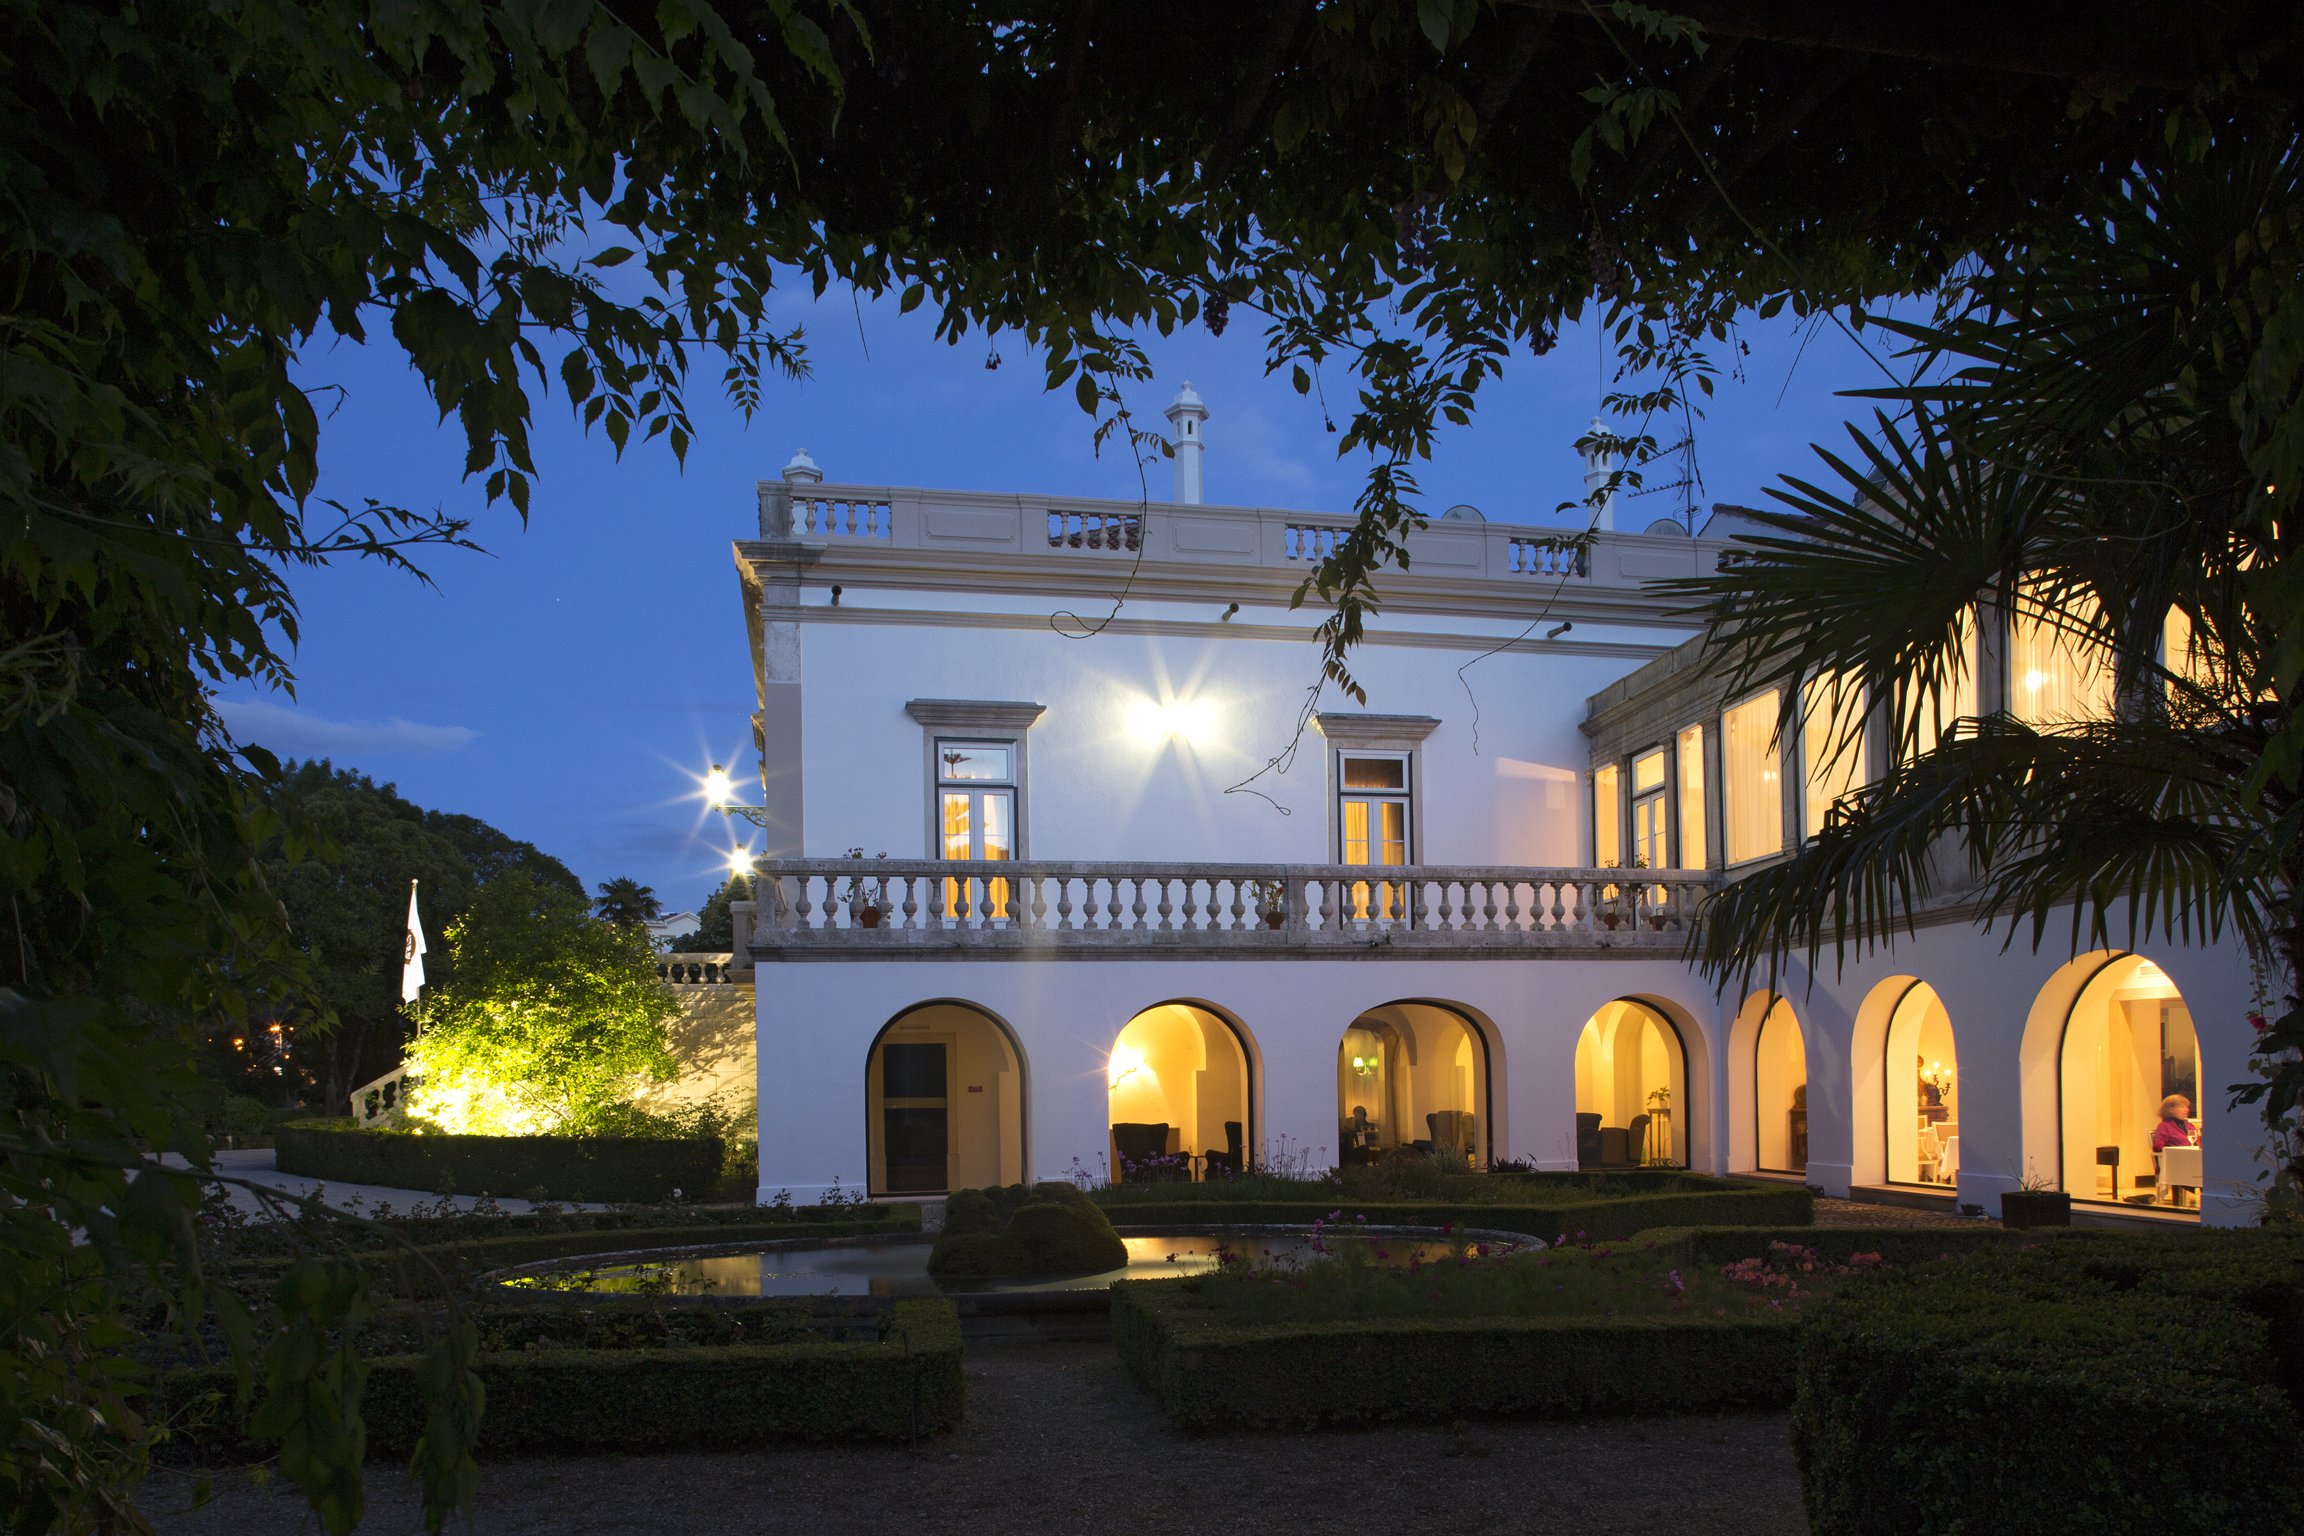 Quinta das Lagrimas - Small Luxury Hotel, Coimbra